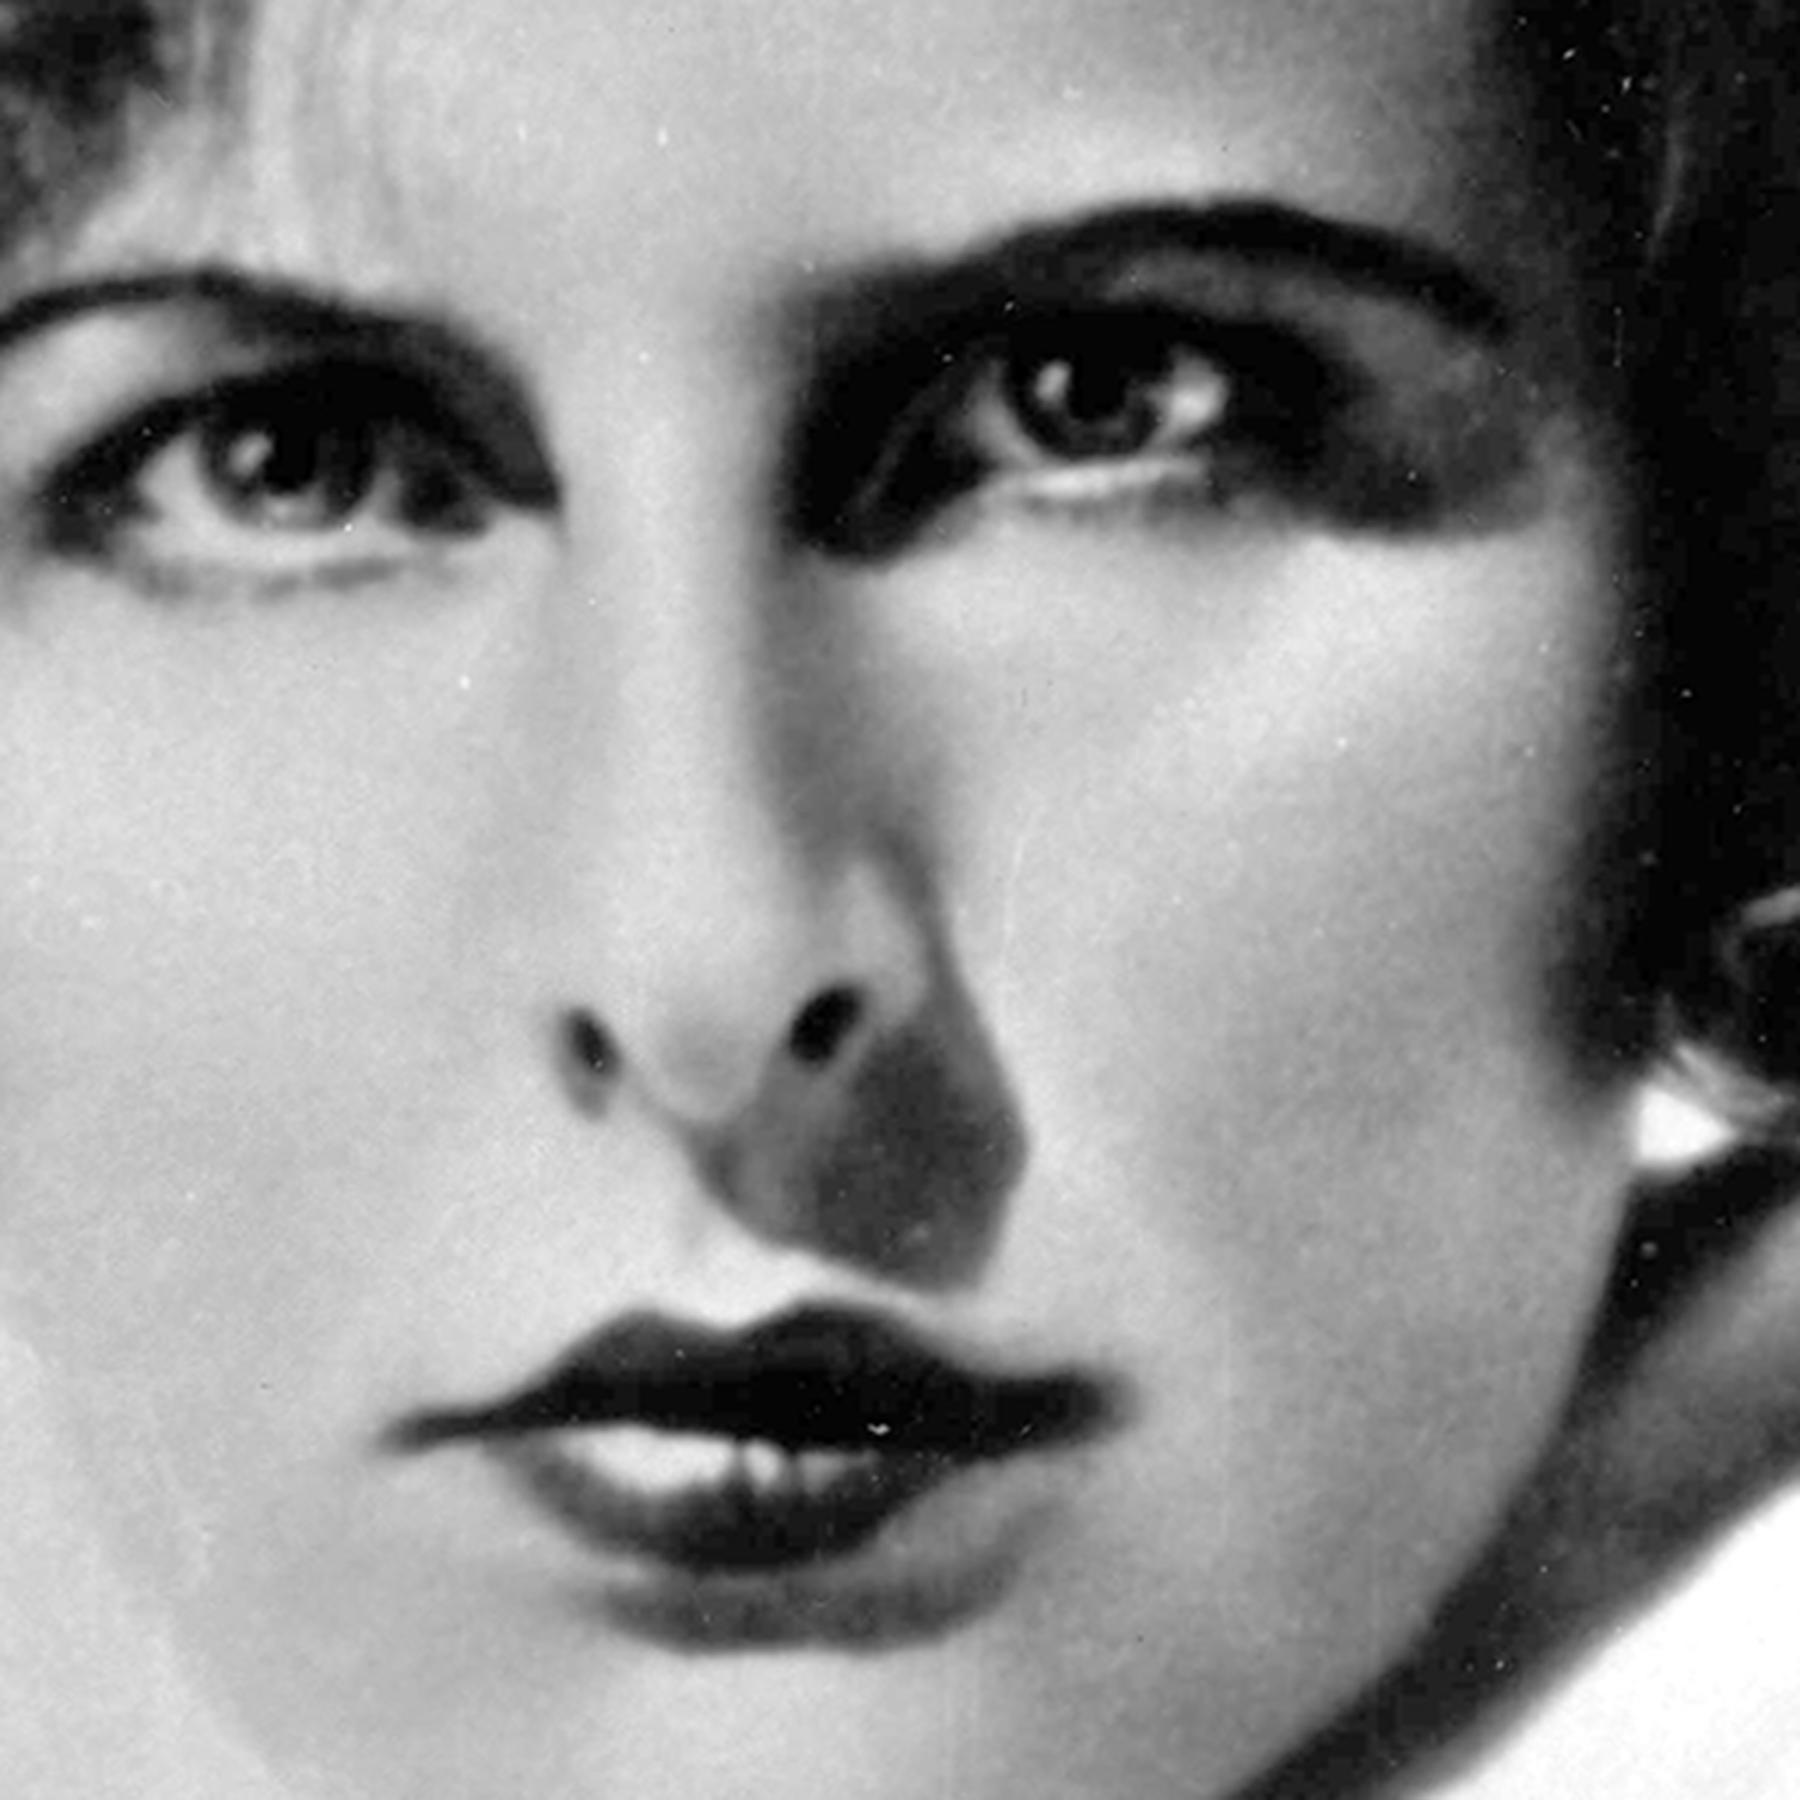 Leni Riefenstahl - Ästhetik der Macht